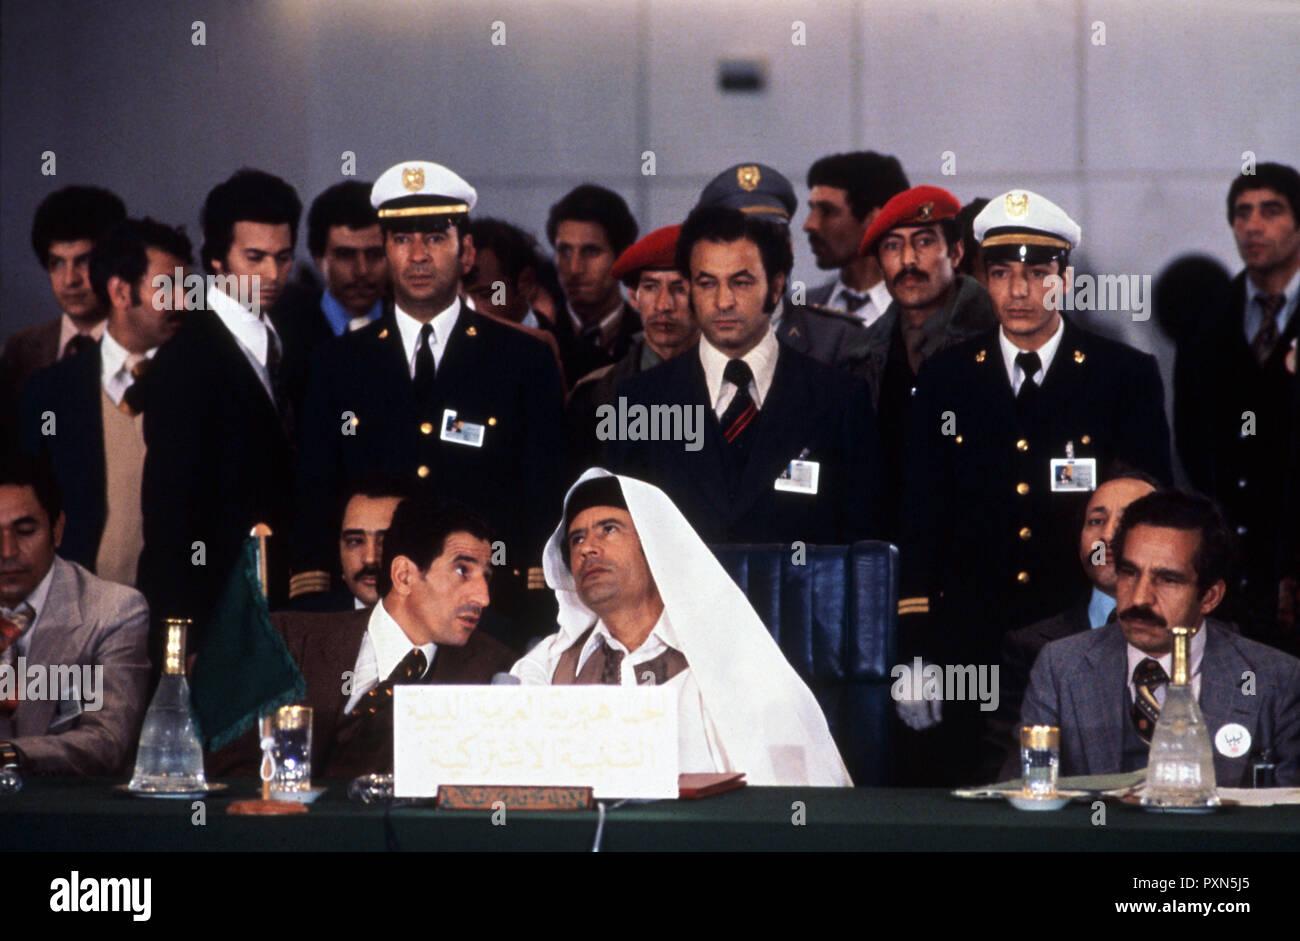 muammar gaddafi - Stock Image